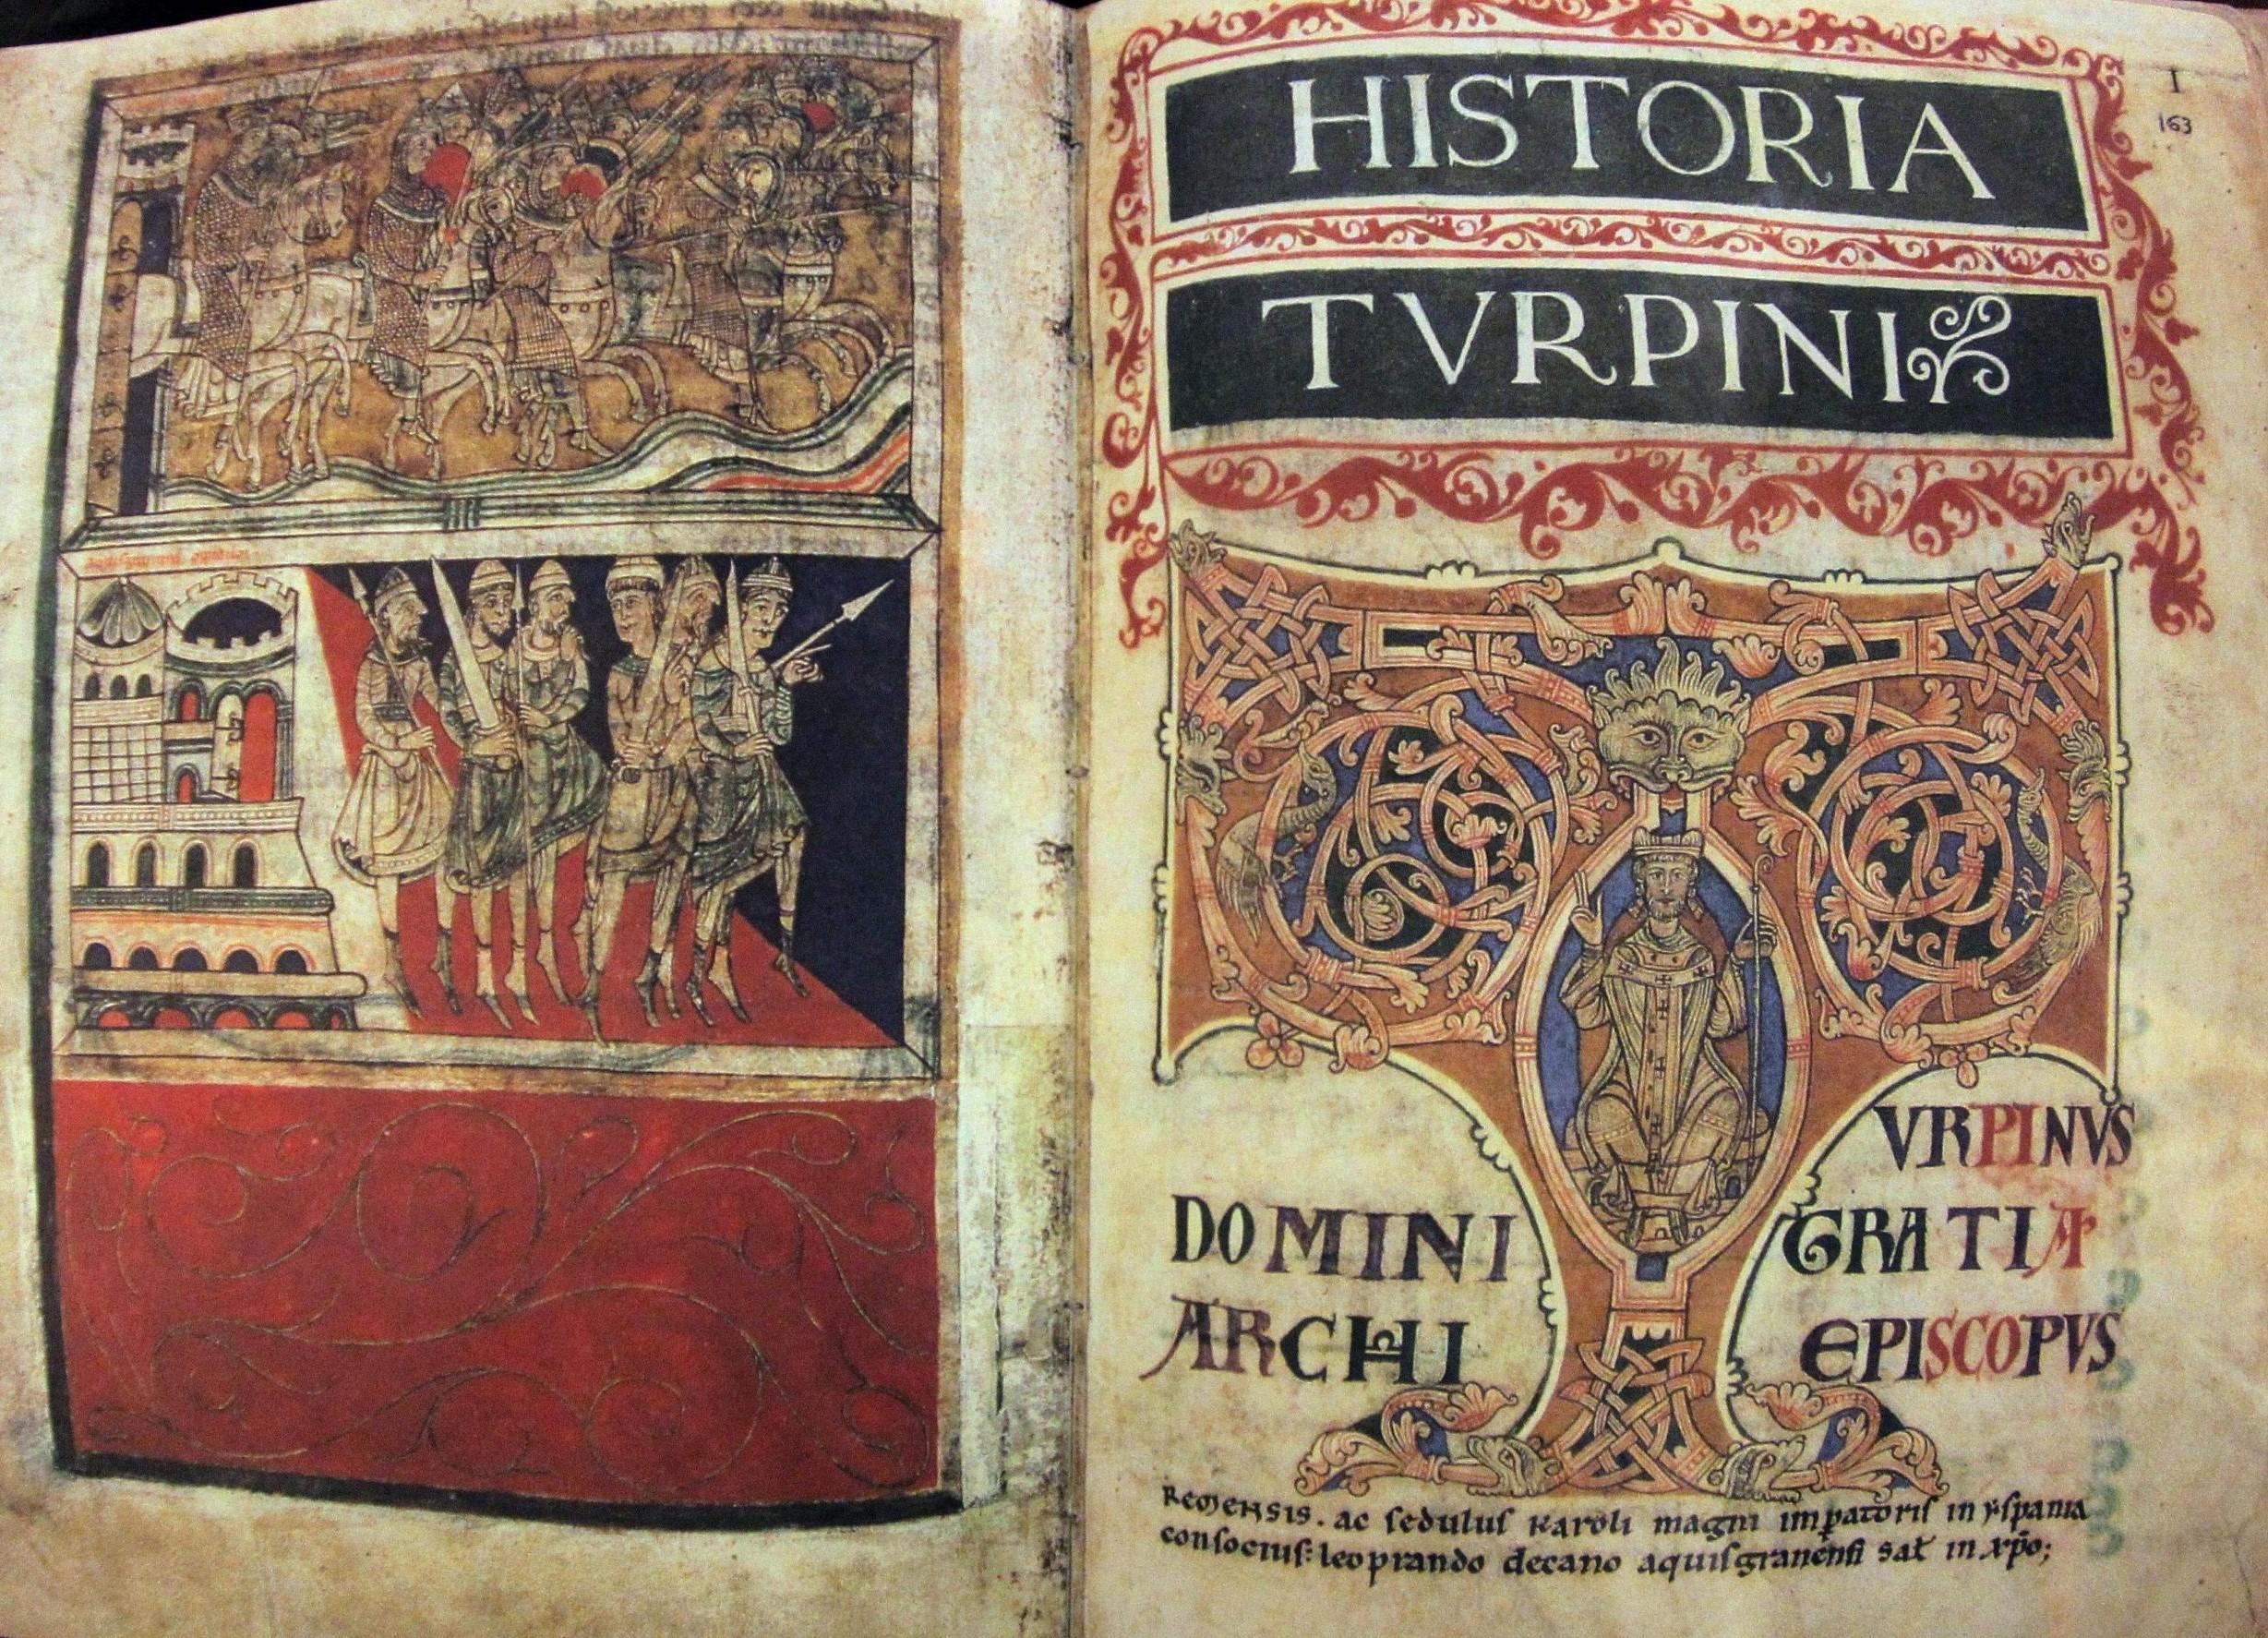 Historia Turpini. Volumen dentro del Codex calixtinus que narra las gestas de Carlomagno contra el infiel gracias a la ayuda del apóstol Santiago